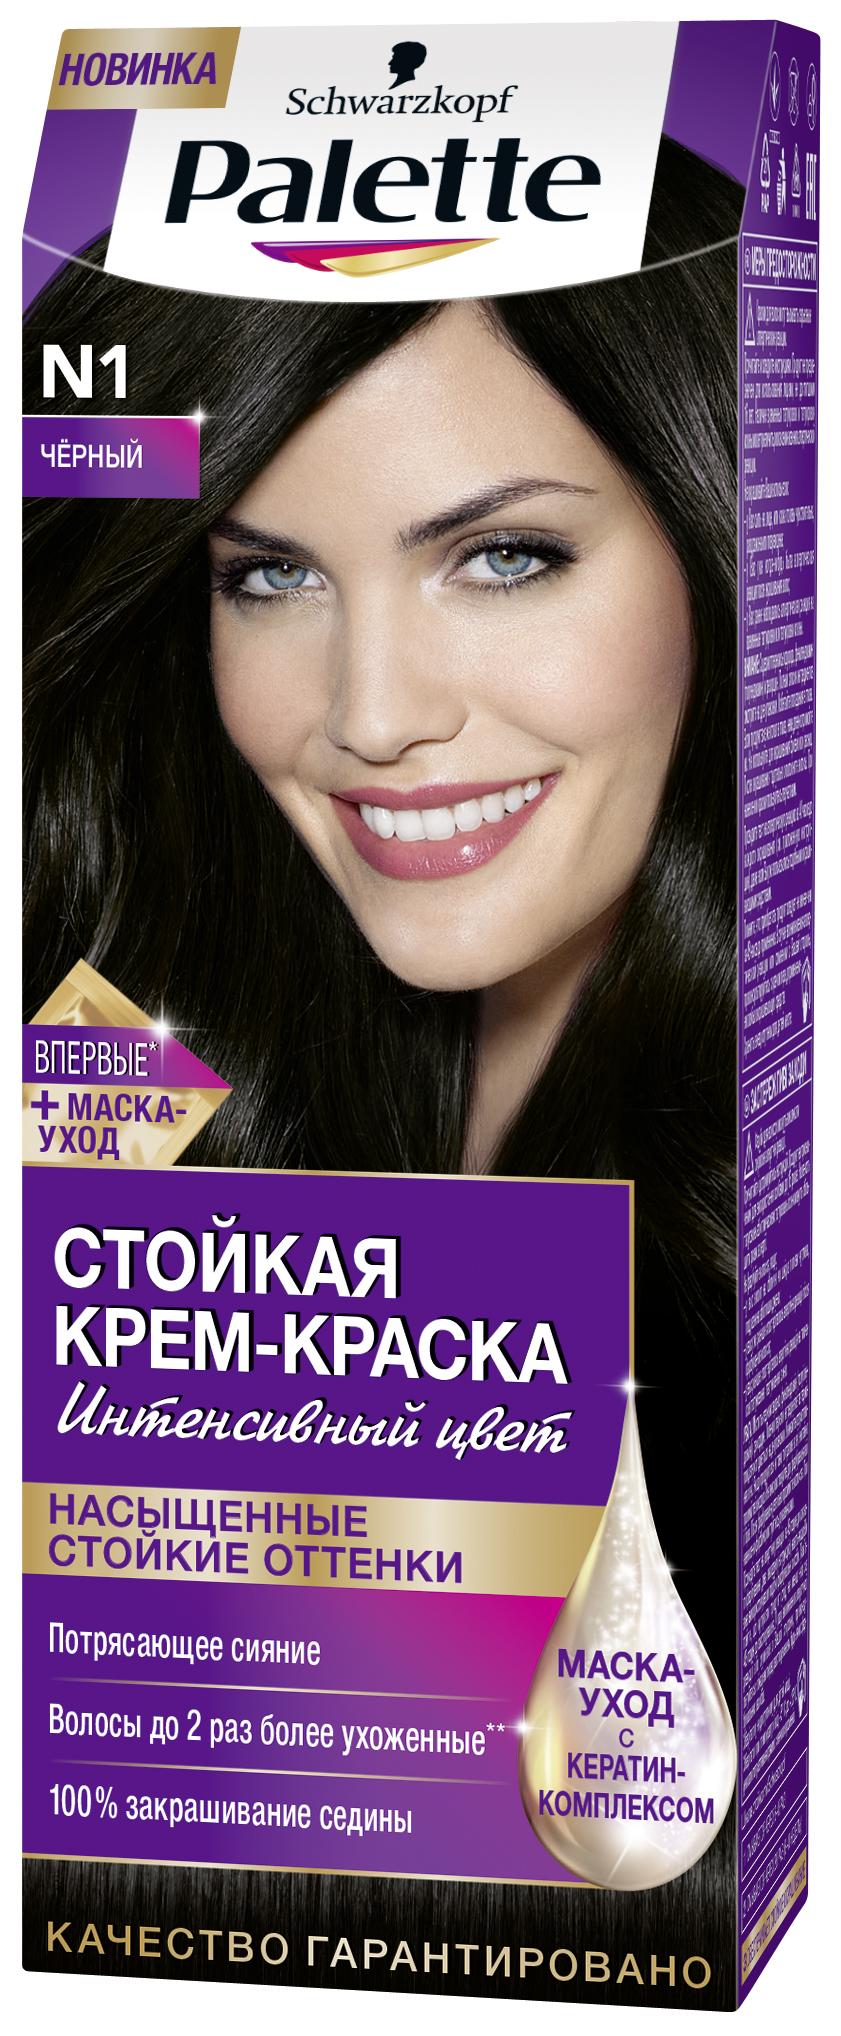 Palette Стойкая крем-краска N1 Чёрный 110 мл0935223014Знаменитая краска для волос Palette при использовании тщательно окрашивает волосы, стойко сохраняет цвет, имеет множество разнообразных оттенков на любой, самый взыскательный, вкус.